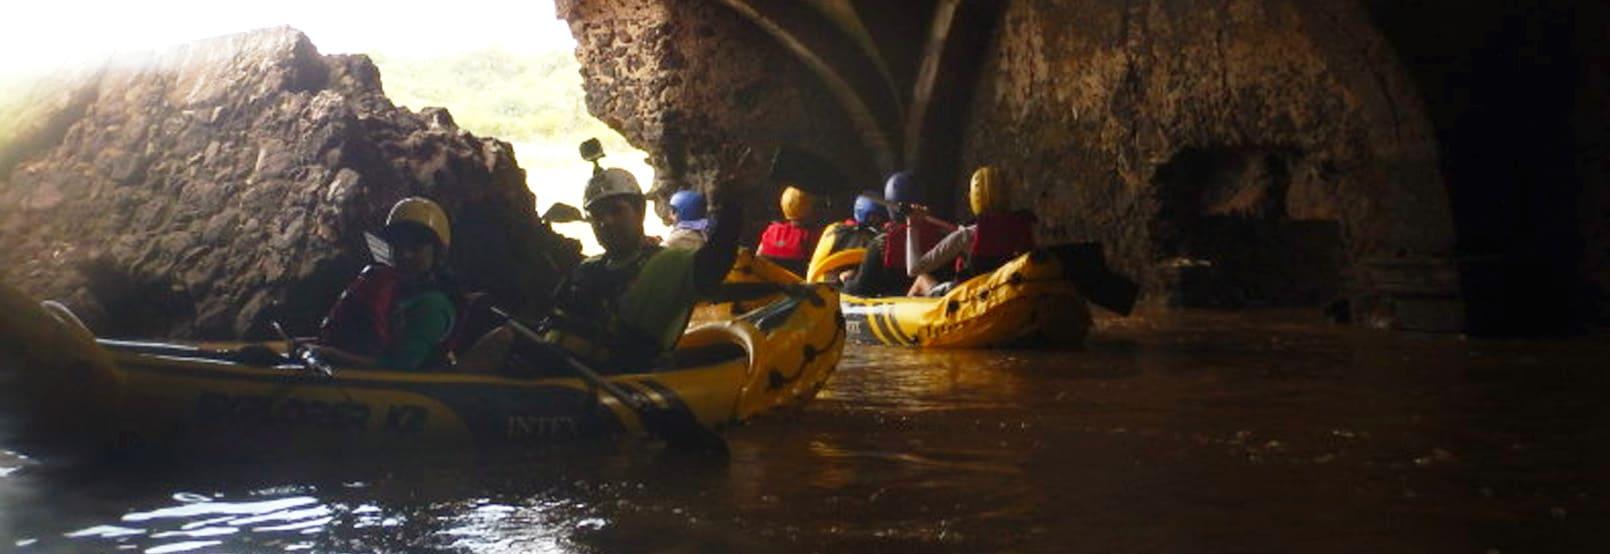 Kayaking in Guanajuato